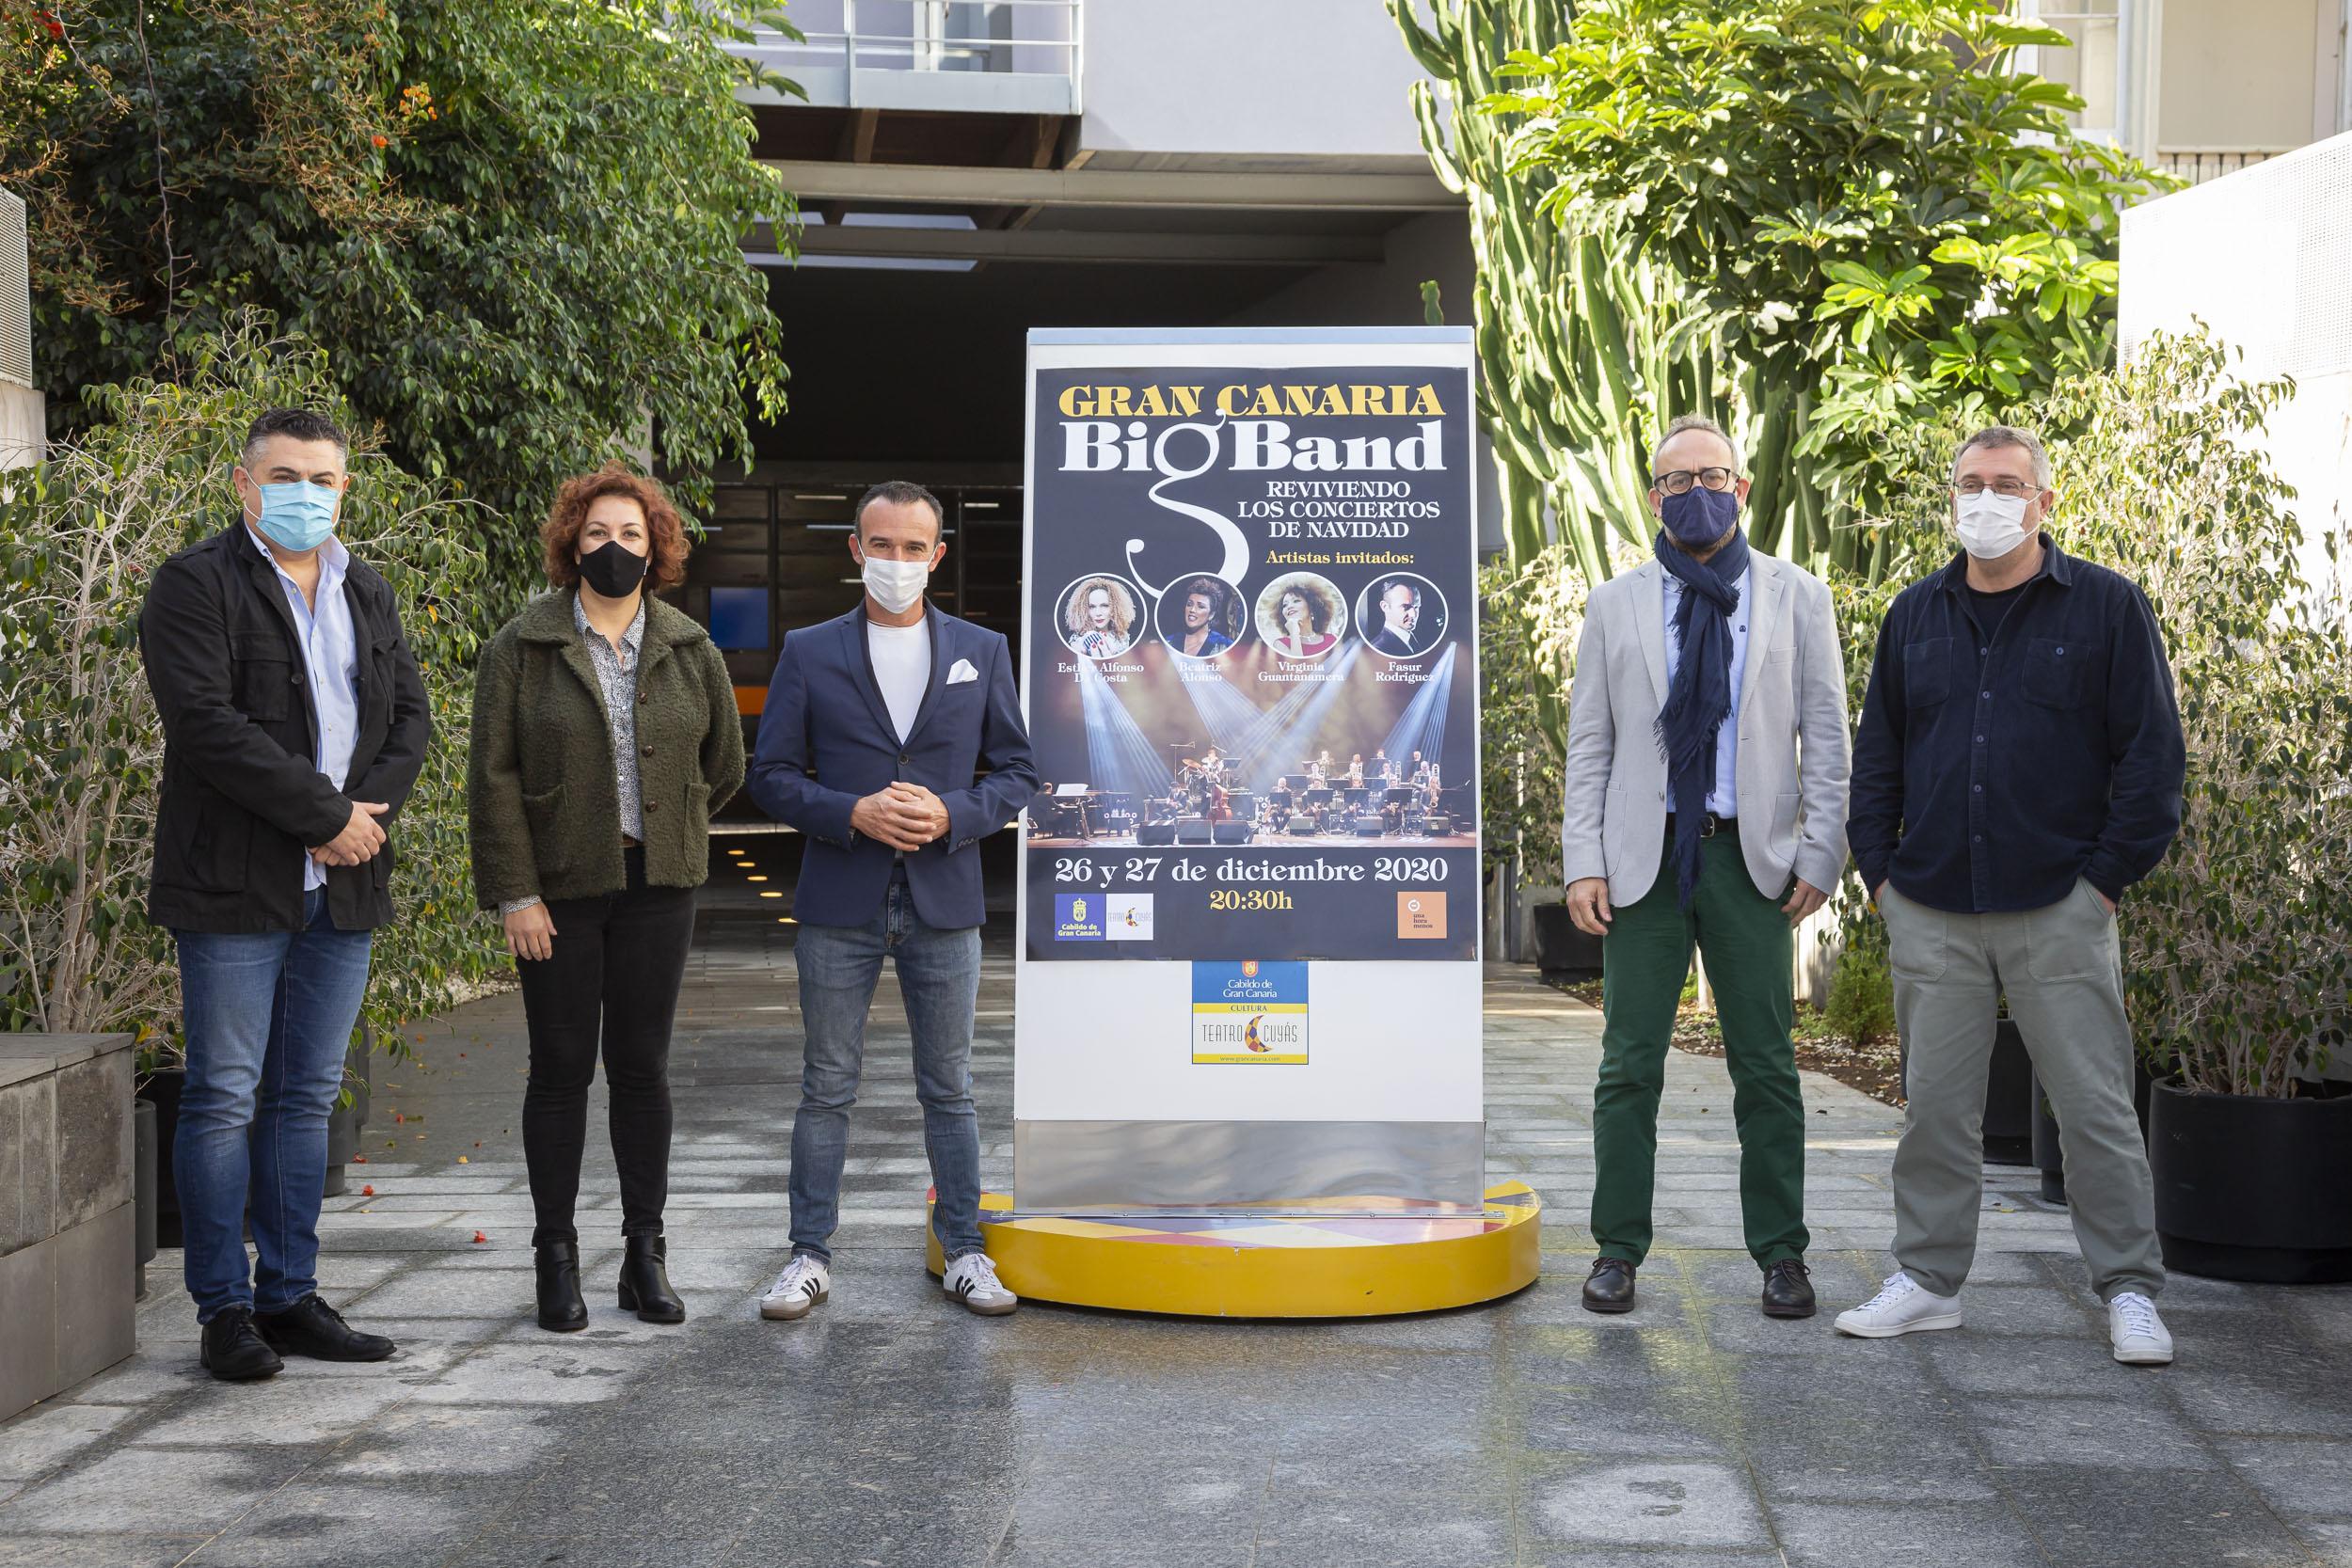 La Gran Canaria Big Band revive en el Cuyás sus conciertos de Navidad junto a cuatro grandes artistas locales